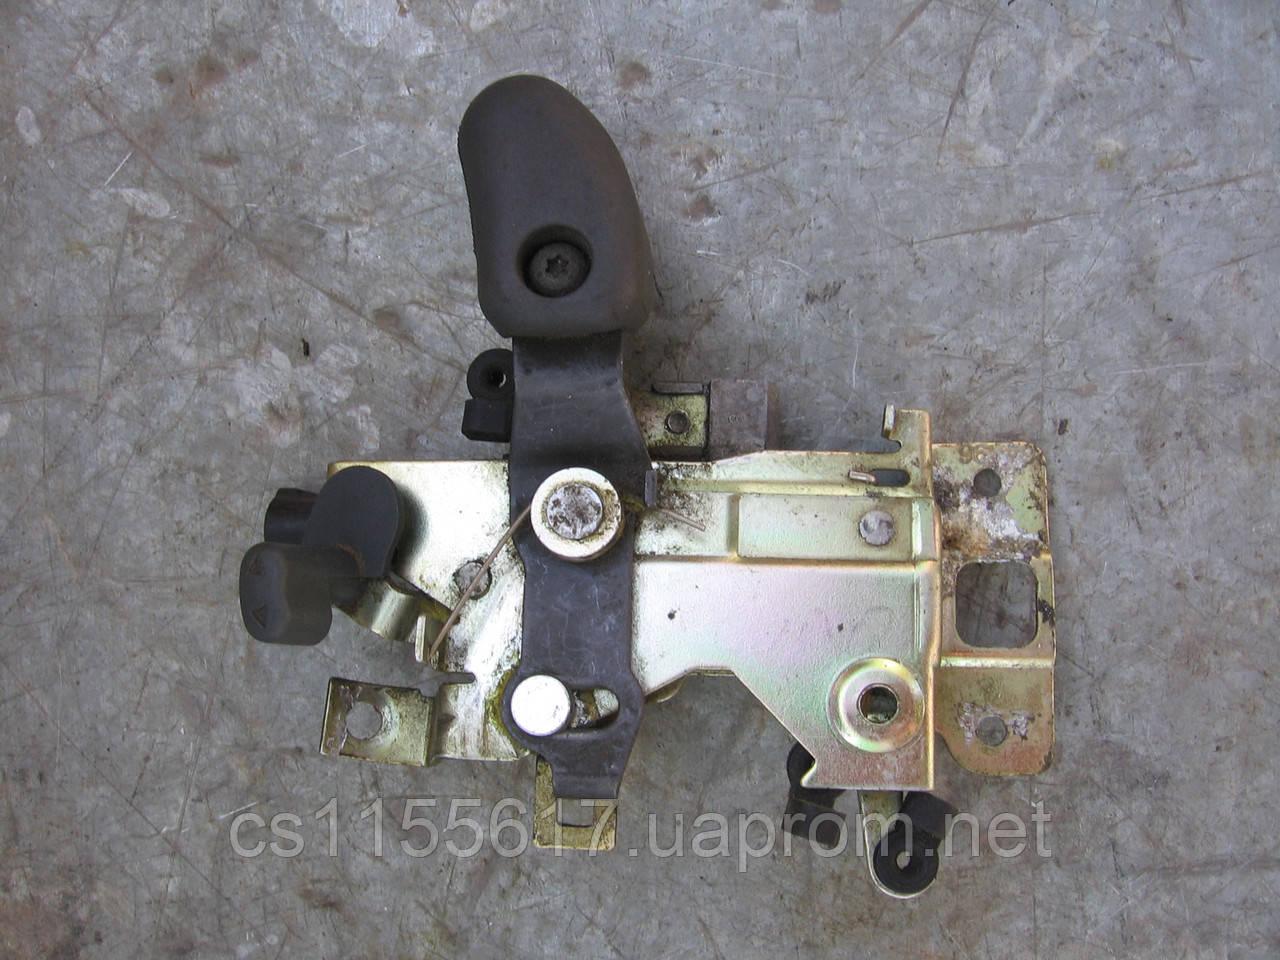 Механизм замка правой боковой двери 1497490698 б/у на Fiat Scudo, Citroen Jumper, Peugeot Expert год 1995-2007